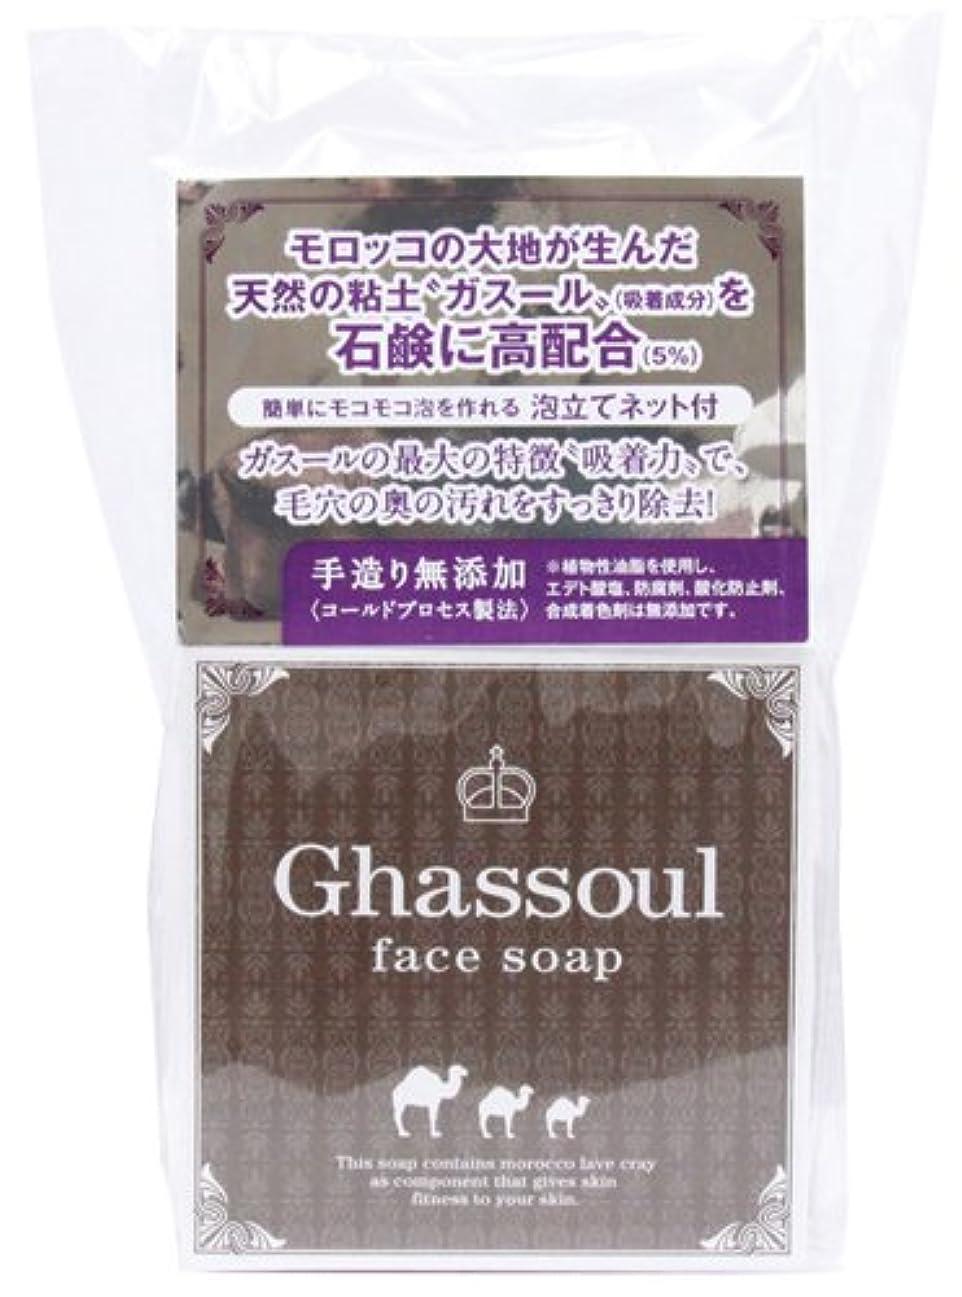 百万疑い者添加剤Ghassoul face soap ガスールフェイスソープ 100g